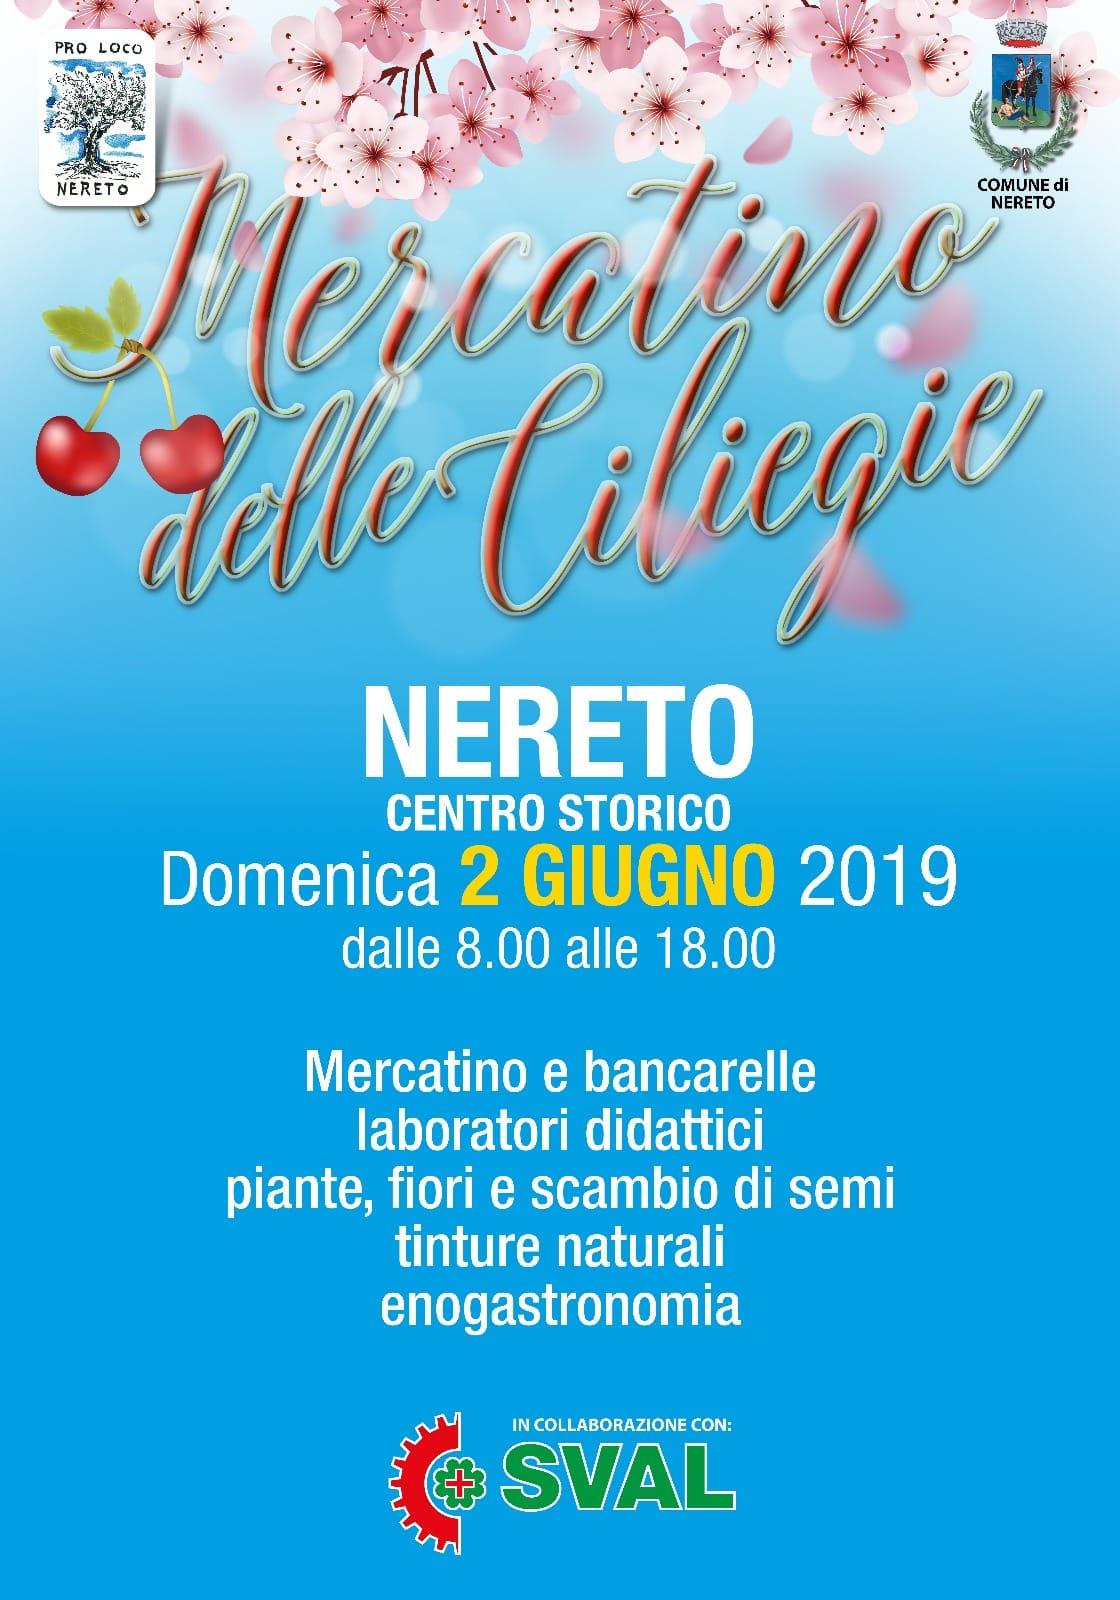 MERCATINO DELLE CILIEGIE